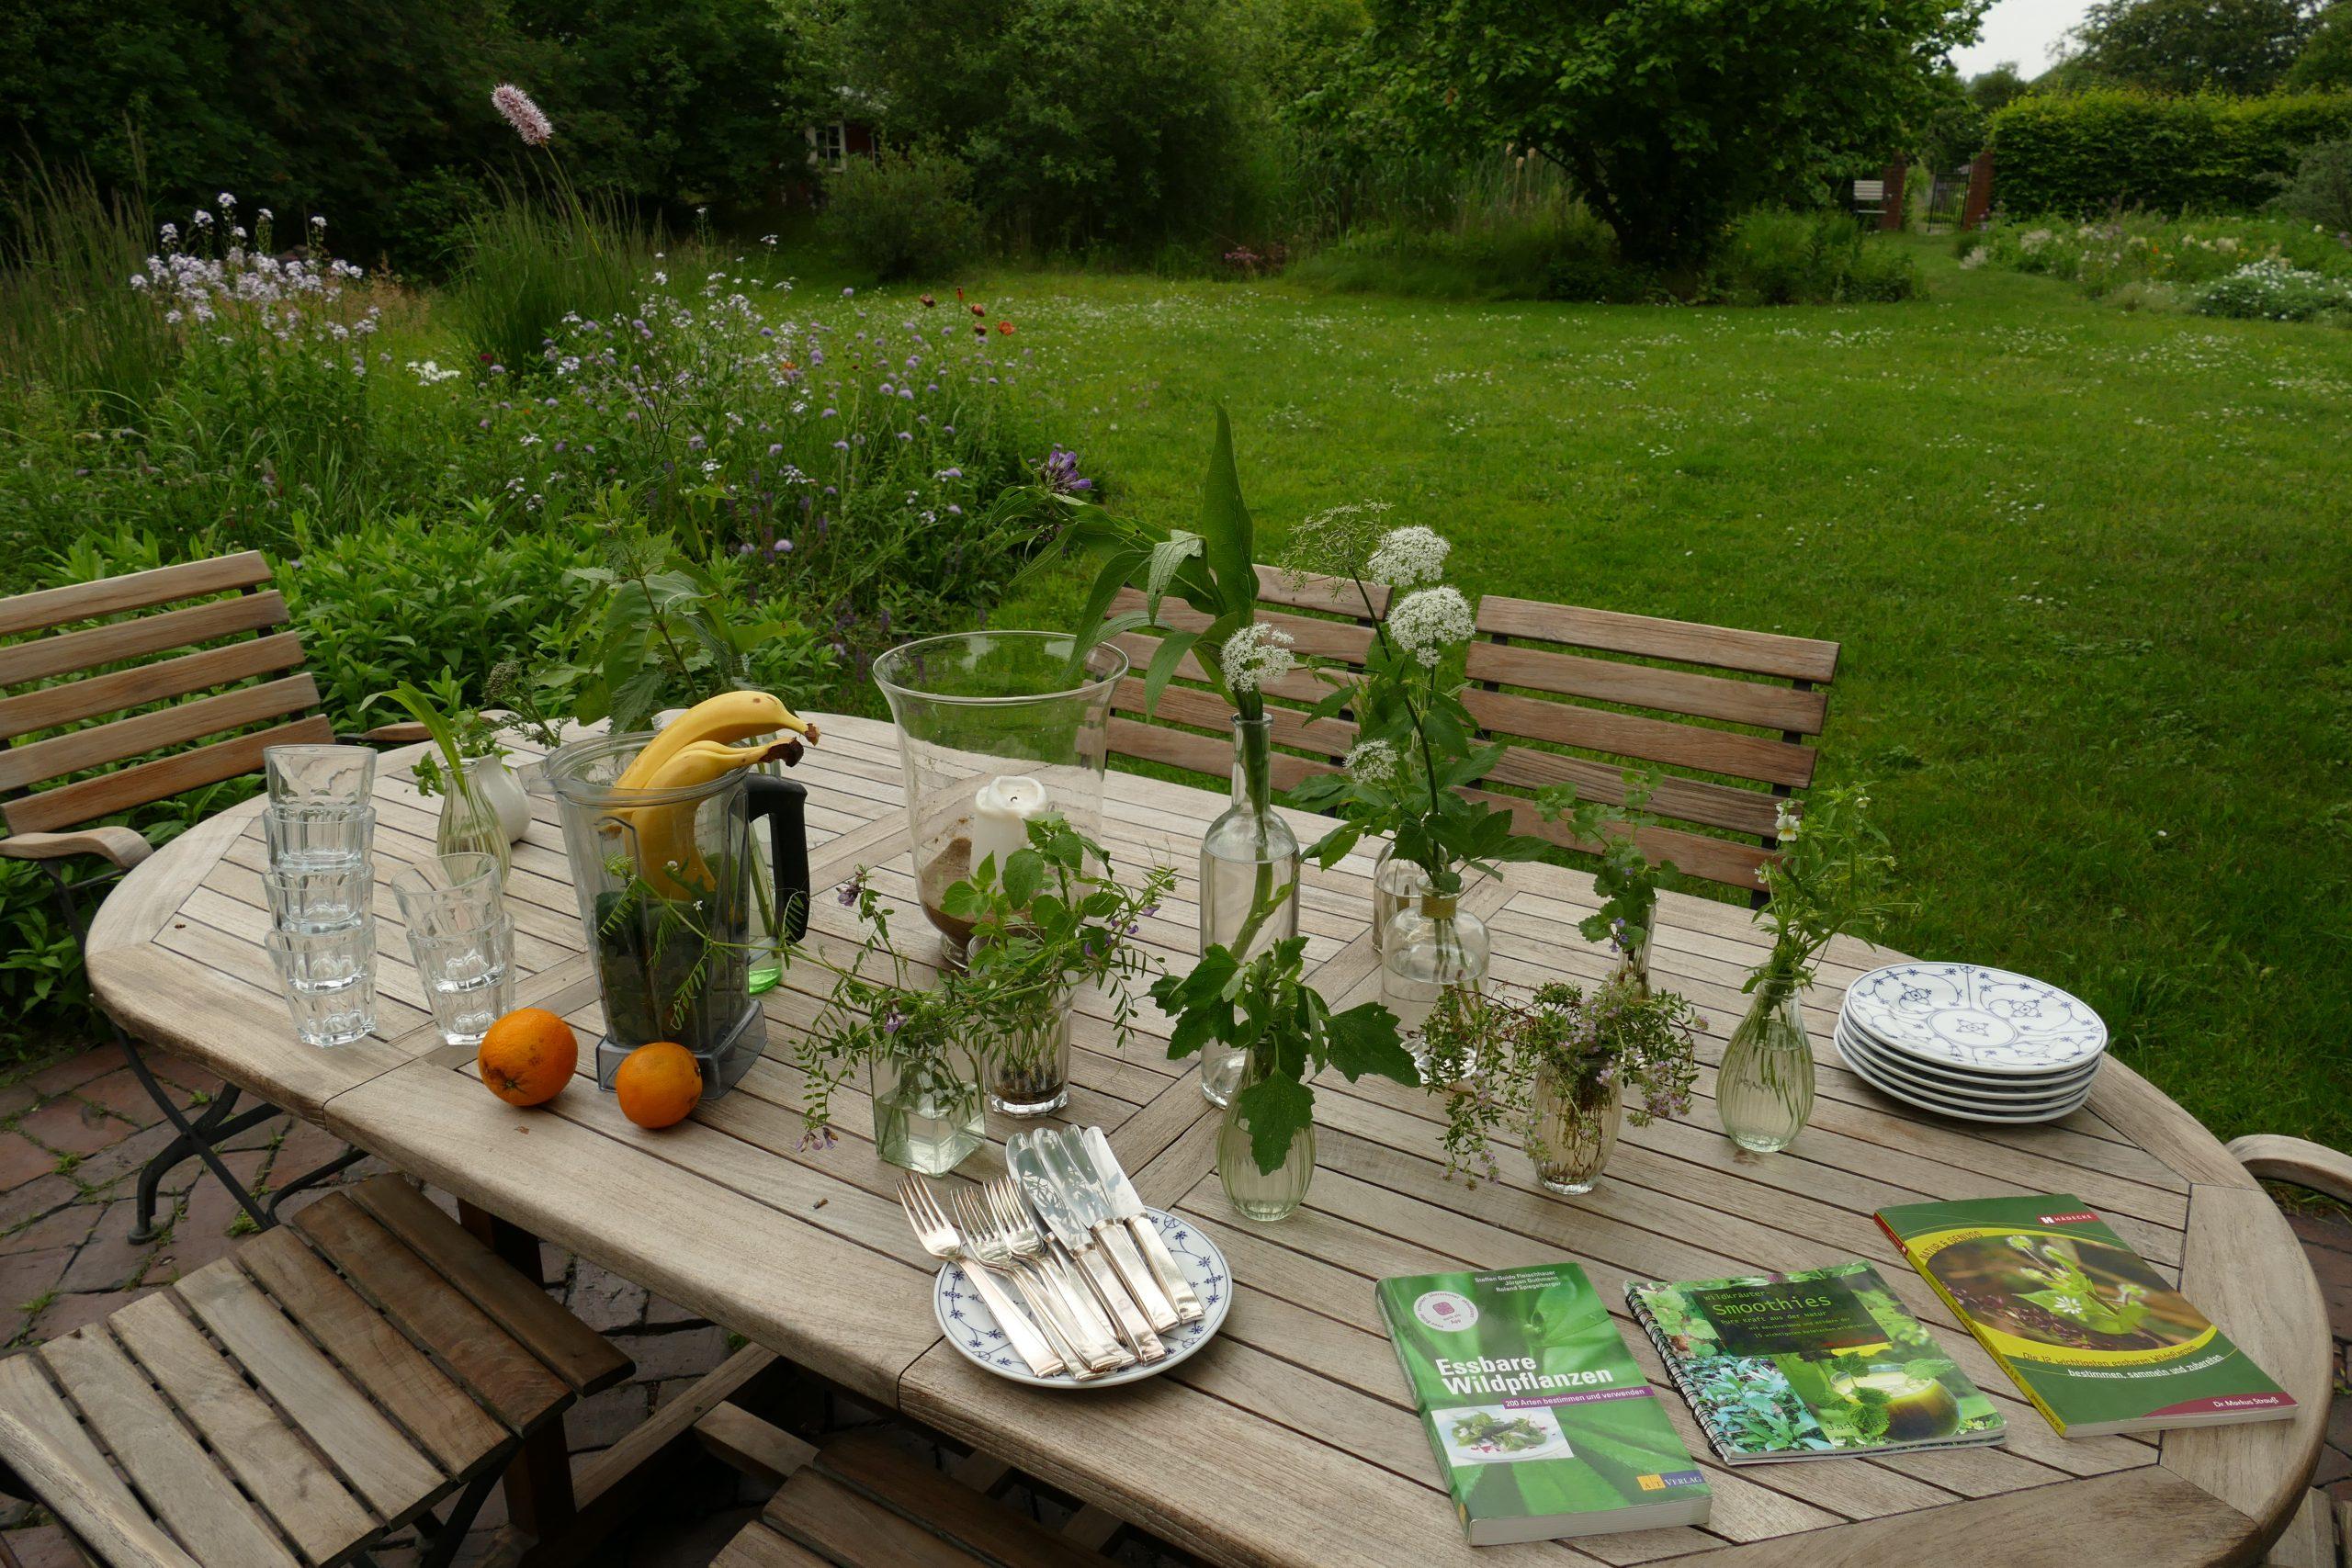 Wildkräuterkurse-Tisch